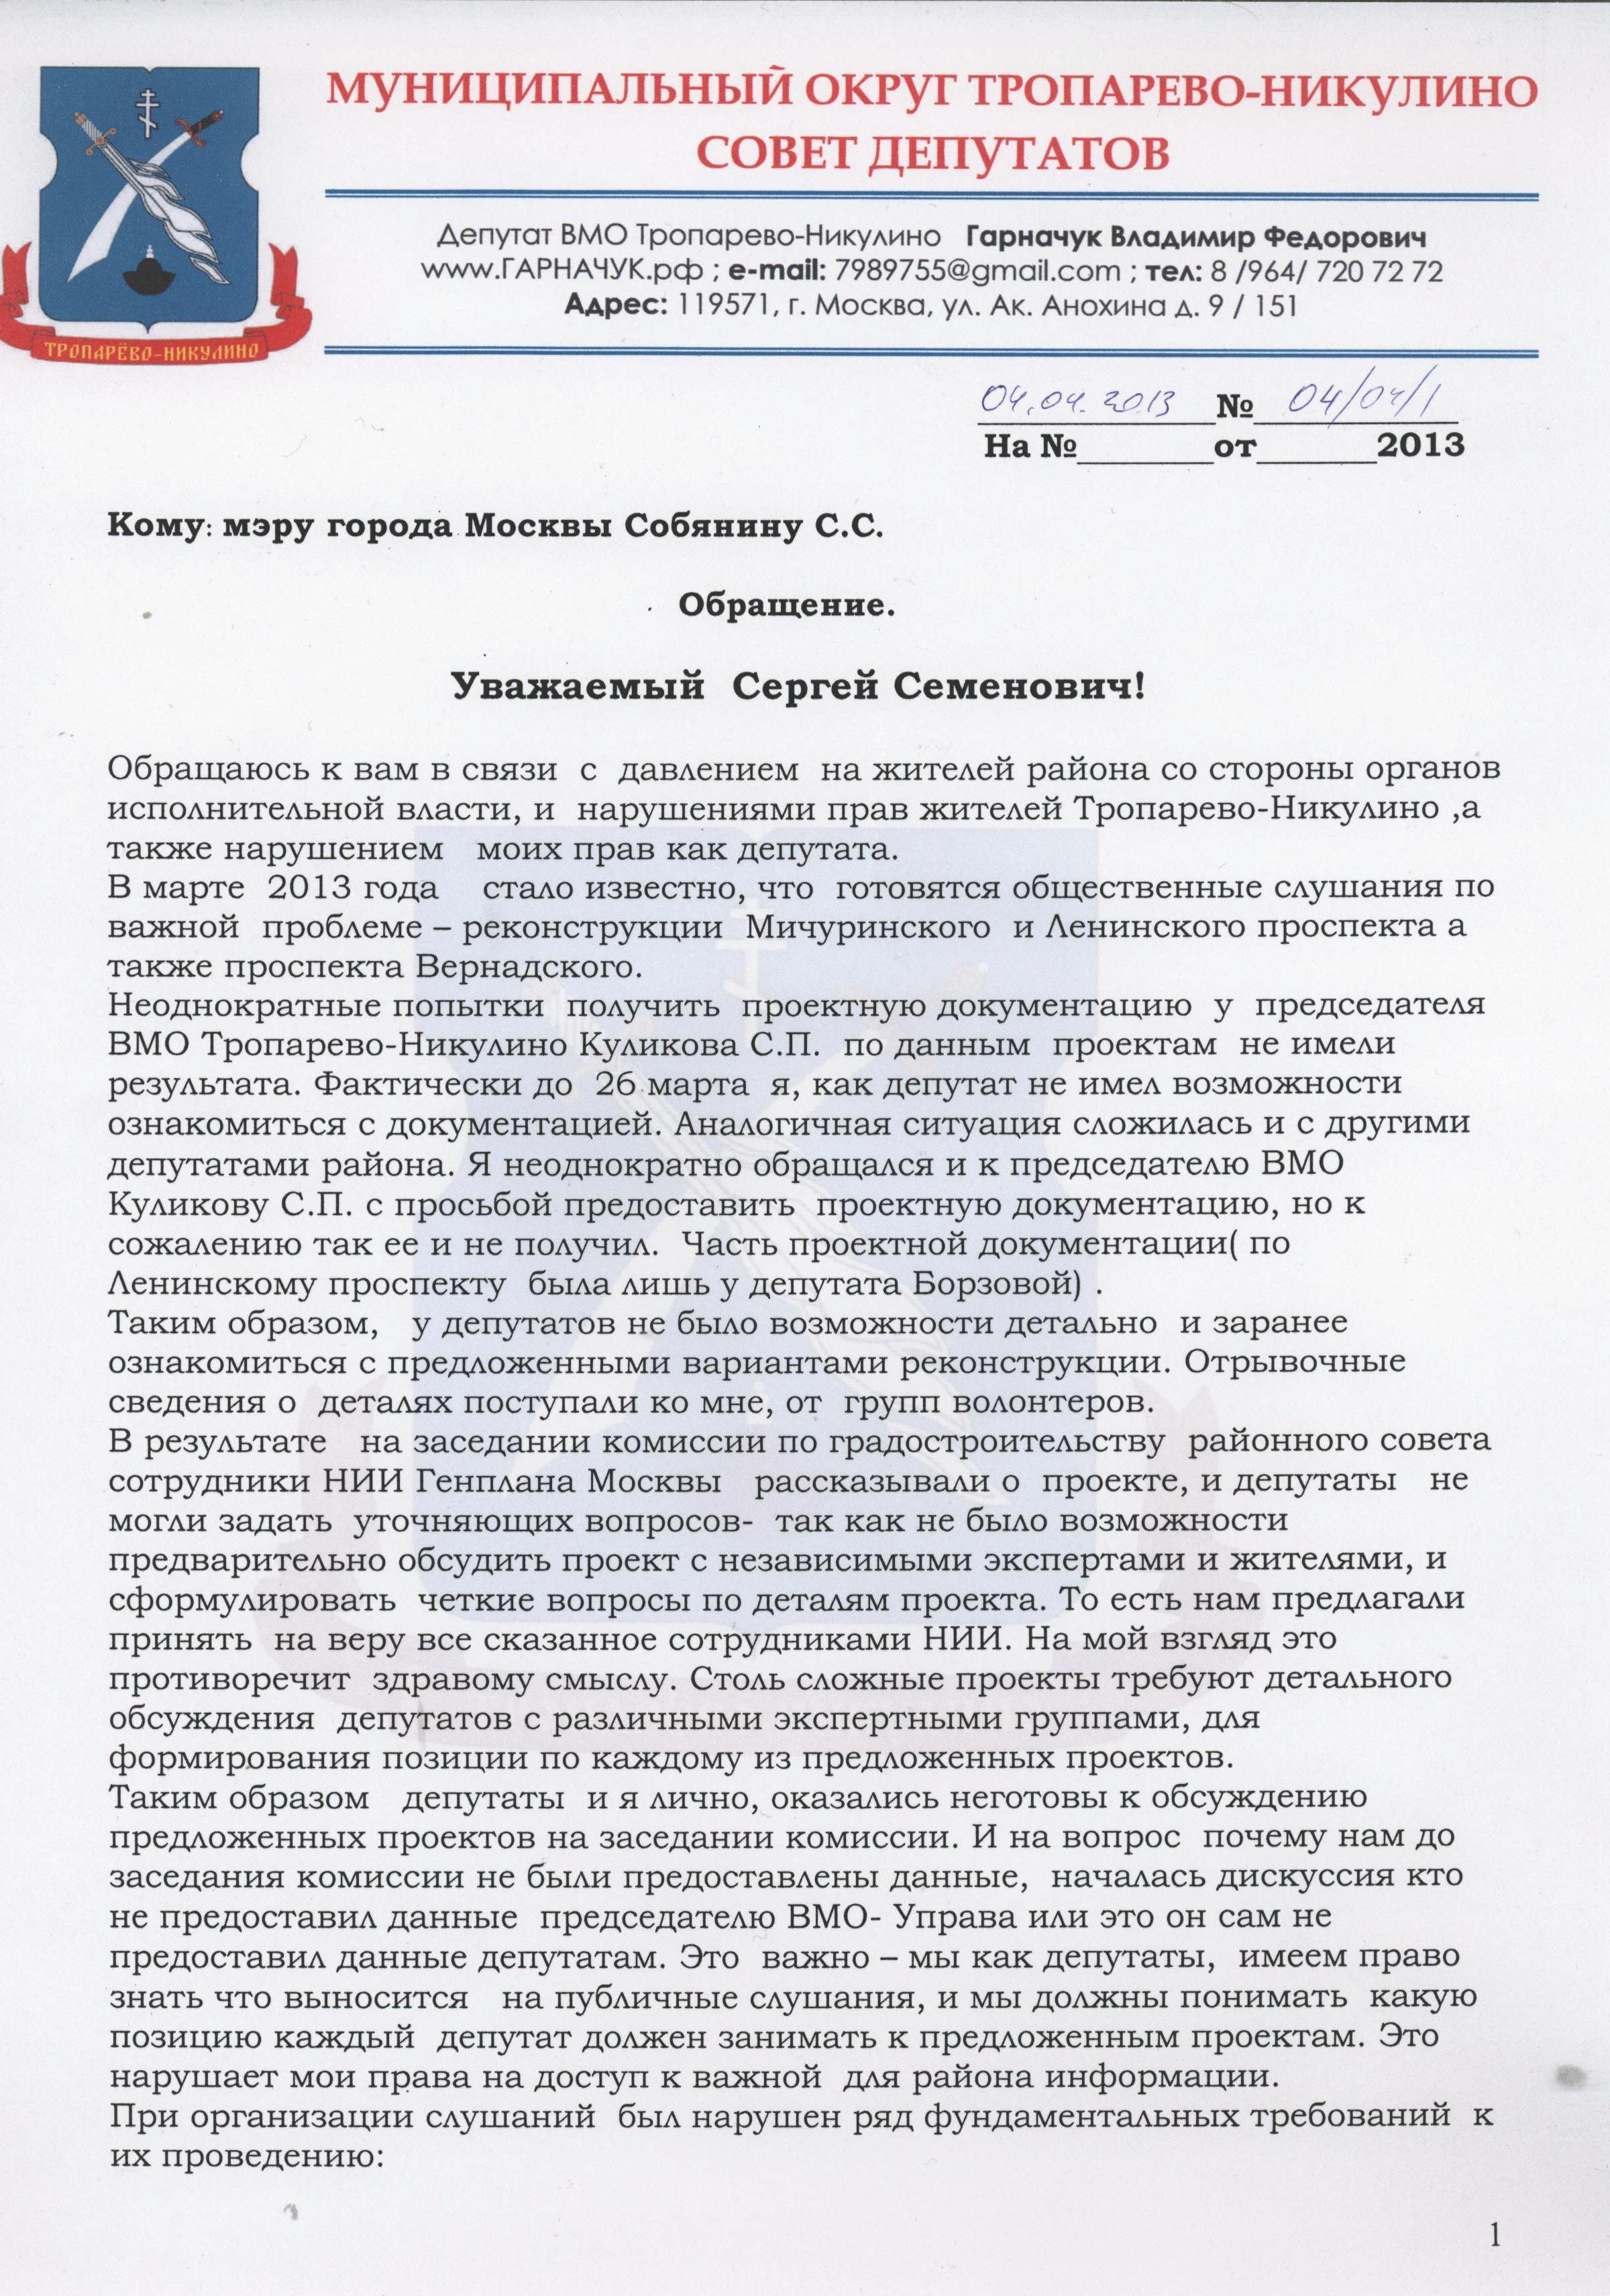 обращение к собянину 04.04.13